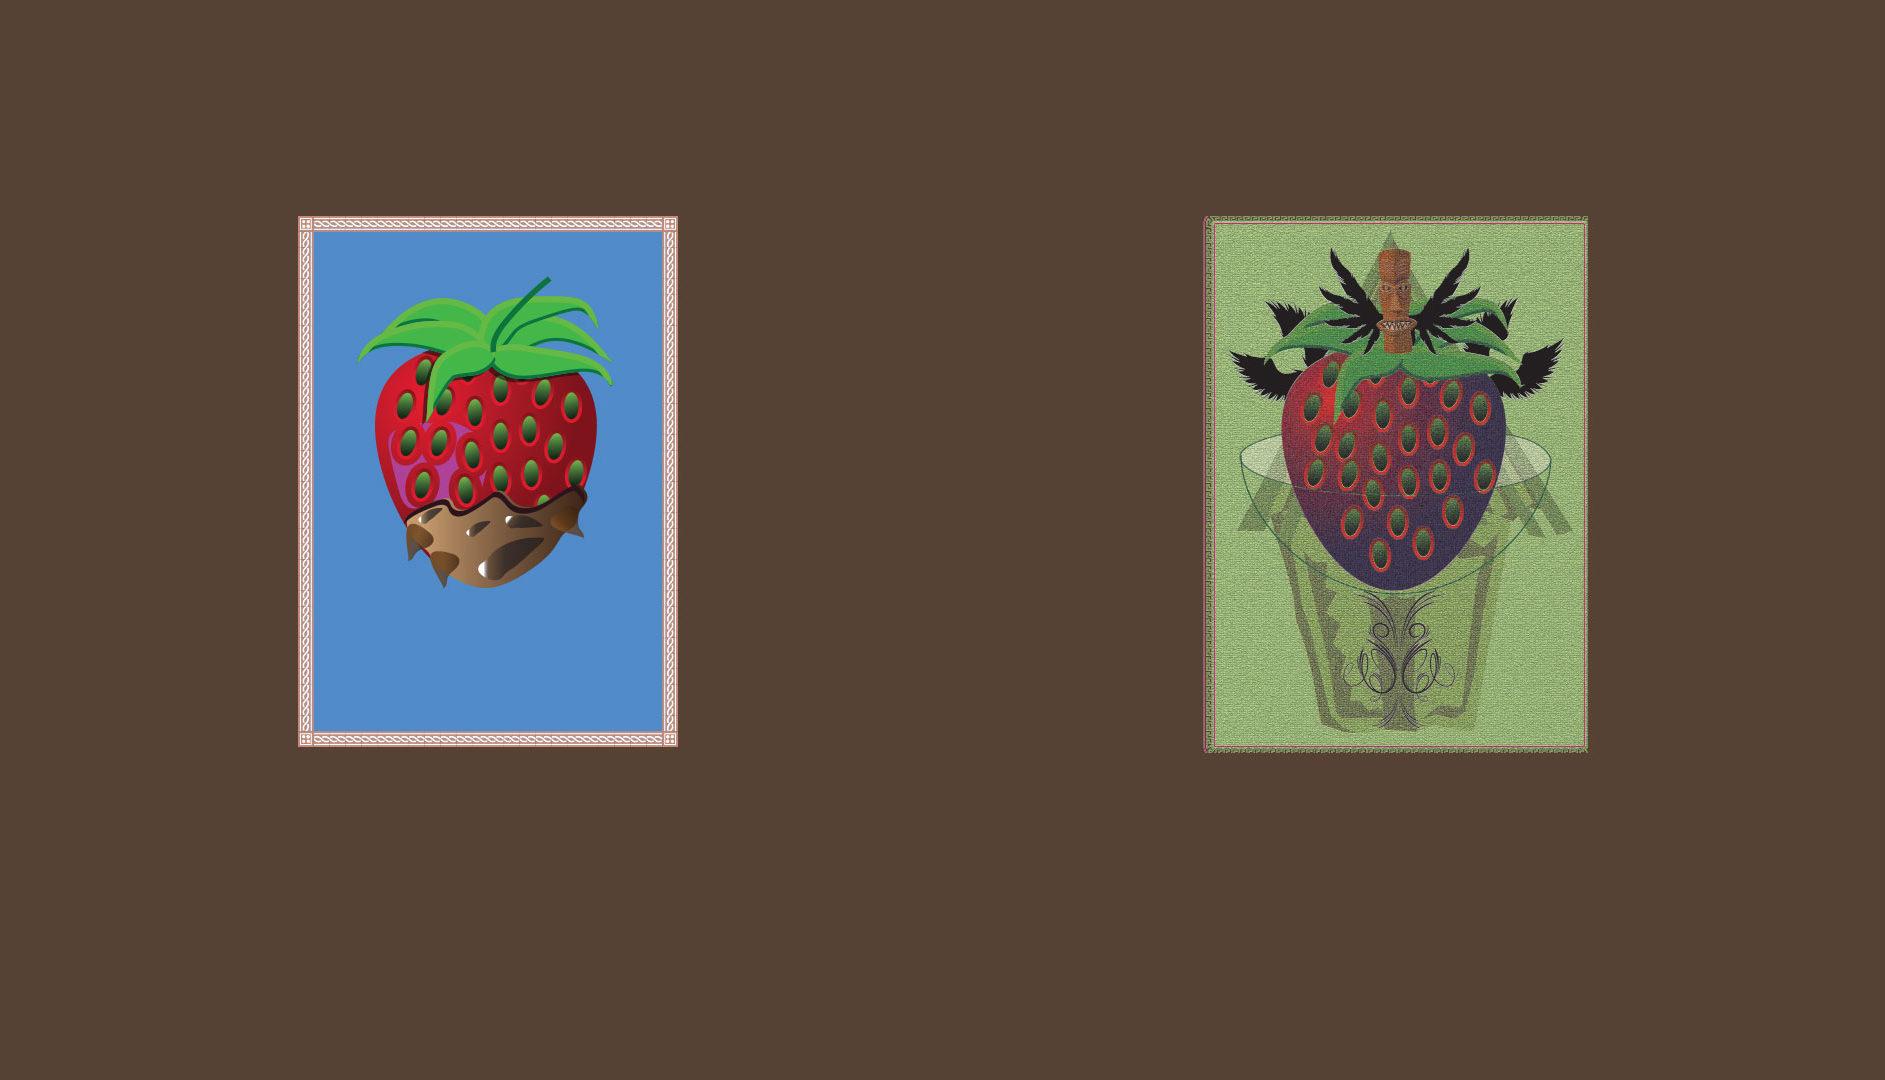 Fraise - Dessin vectoriel sur Illustrator